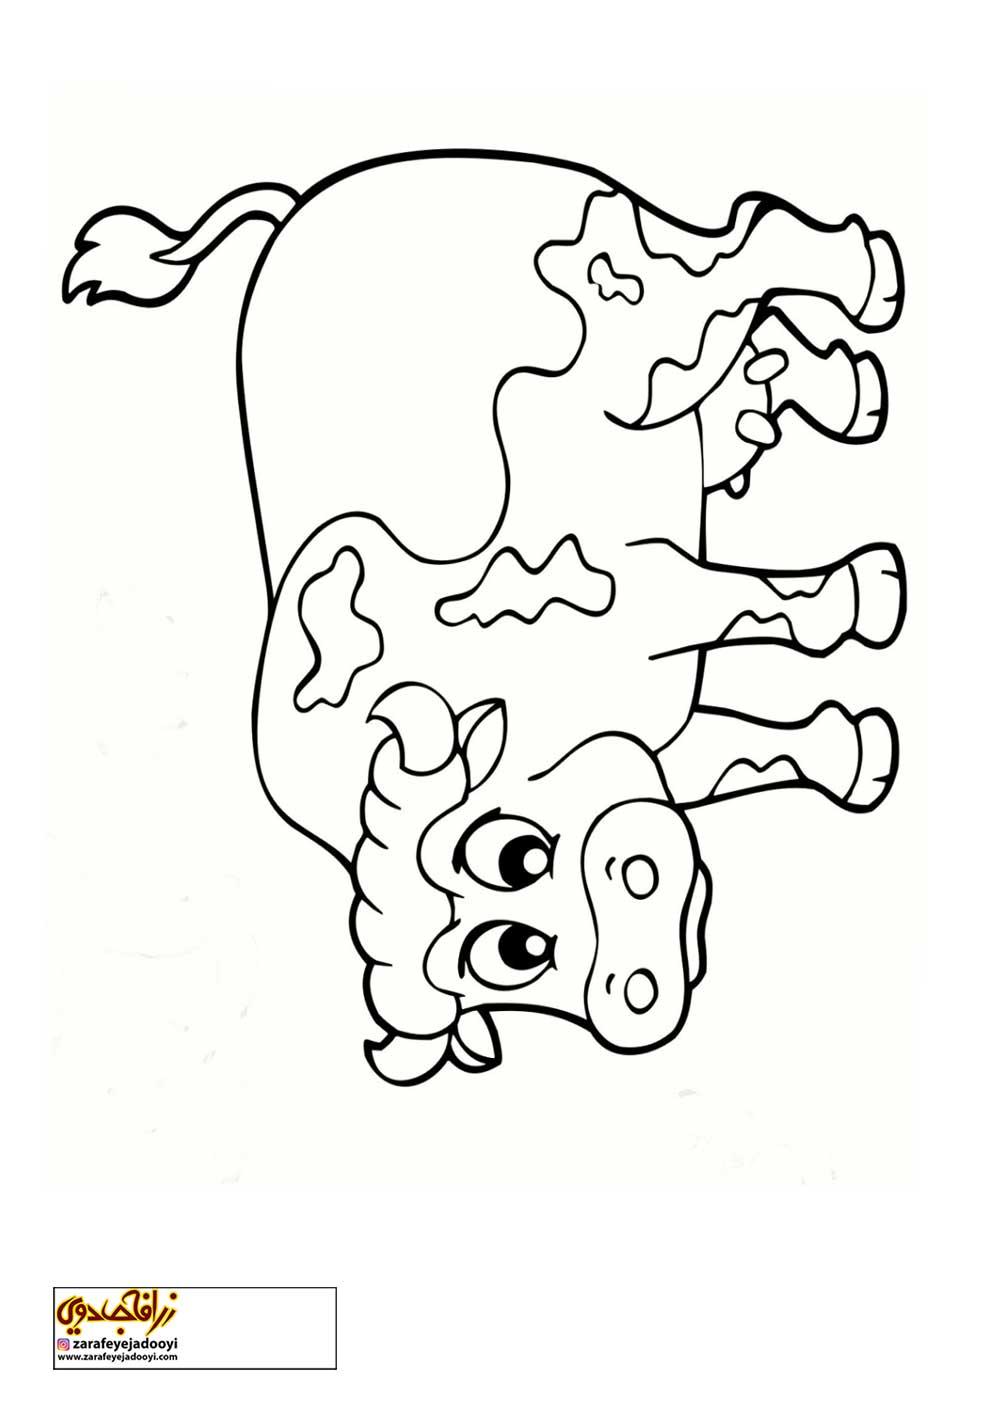 زرافه-جادویی-رنگ-آمیزی-کودکان-گاو-01